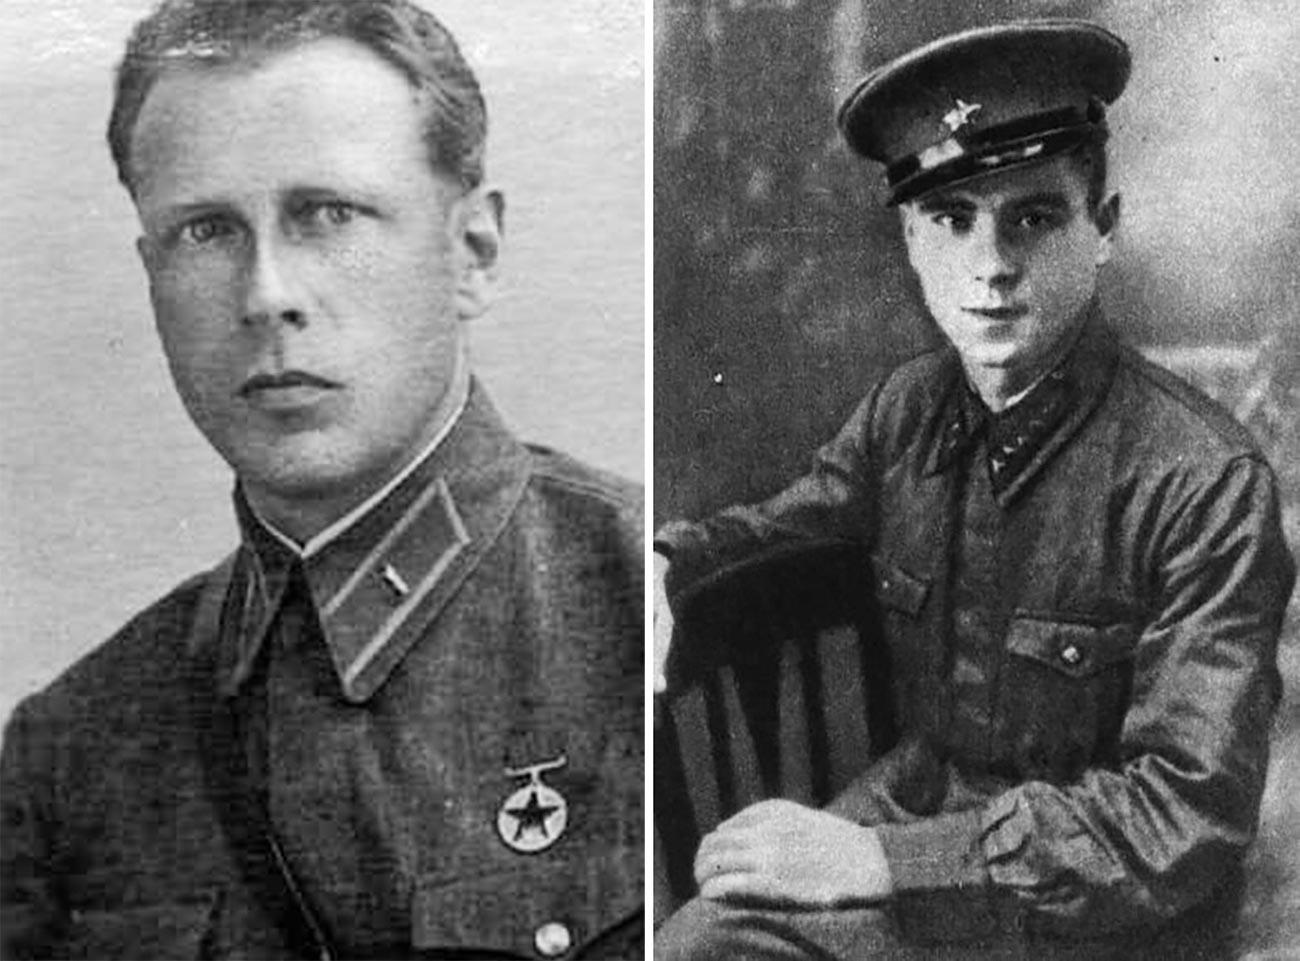 Бранителите на Брестската тврдина, лево Александар Емиљевич Дулкејт, а десно Вјачеслав Едуардович Мејер.